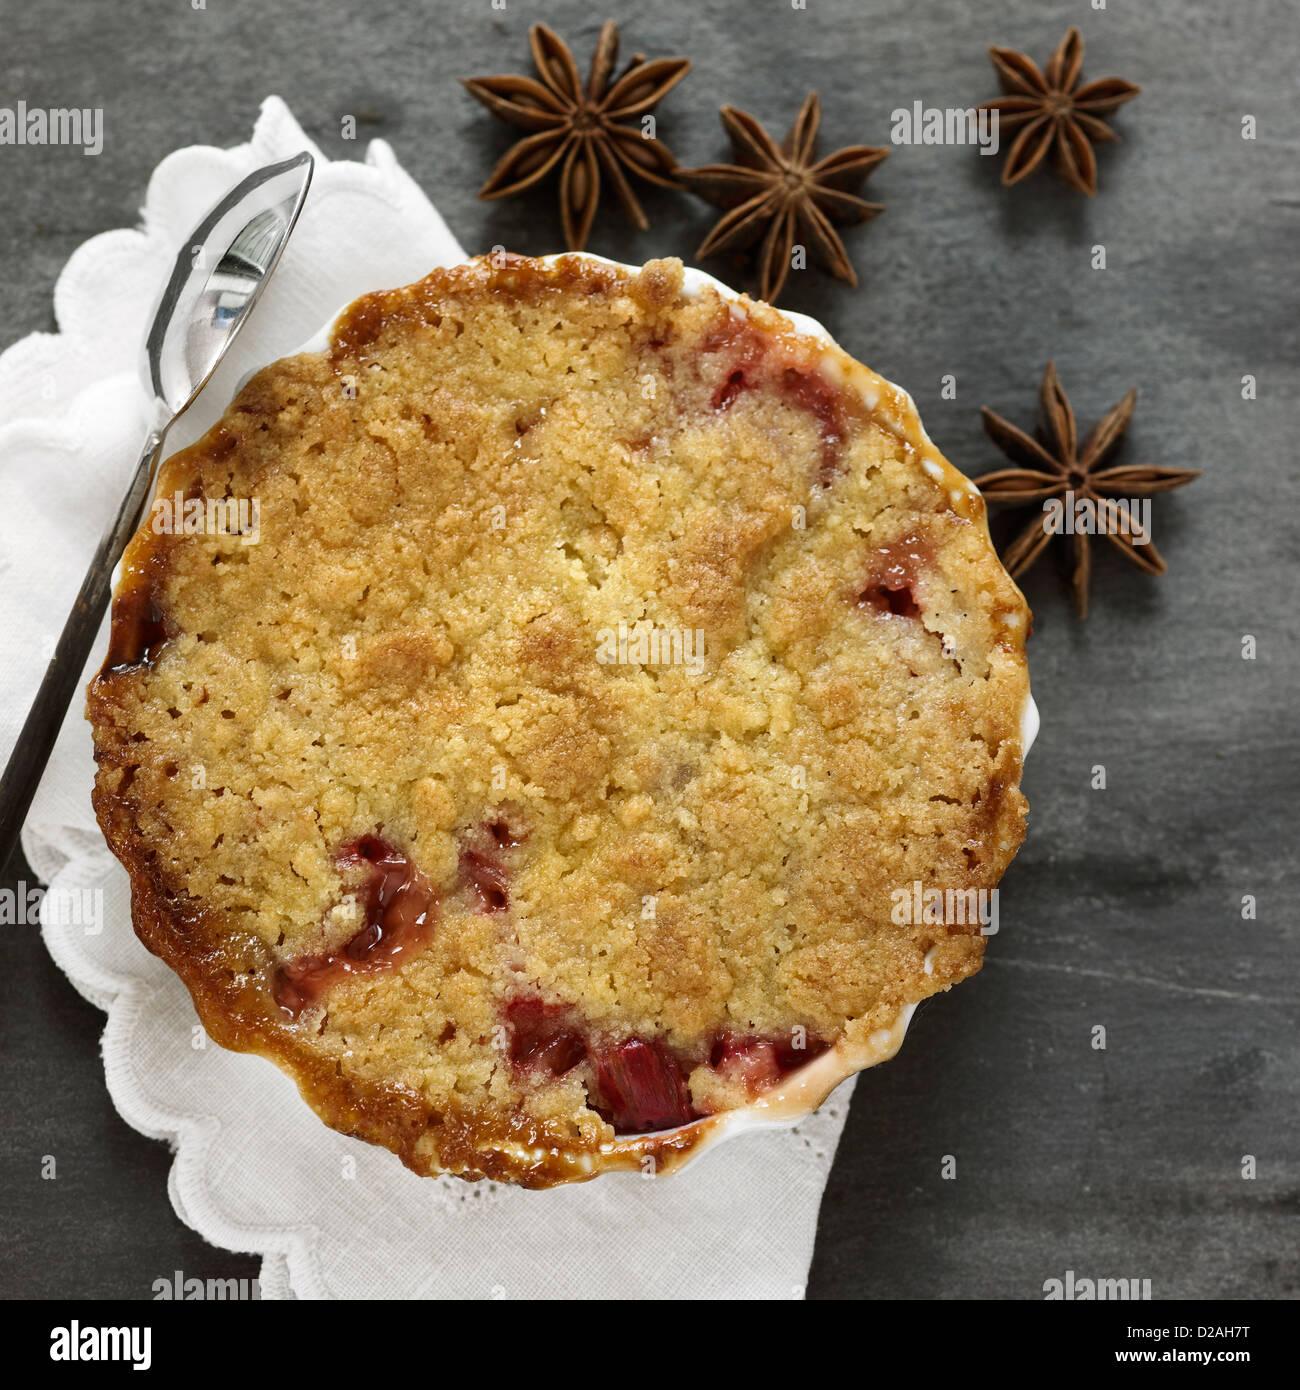 Teller mit Obst-Torte mit Sternanis Stockbild